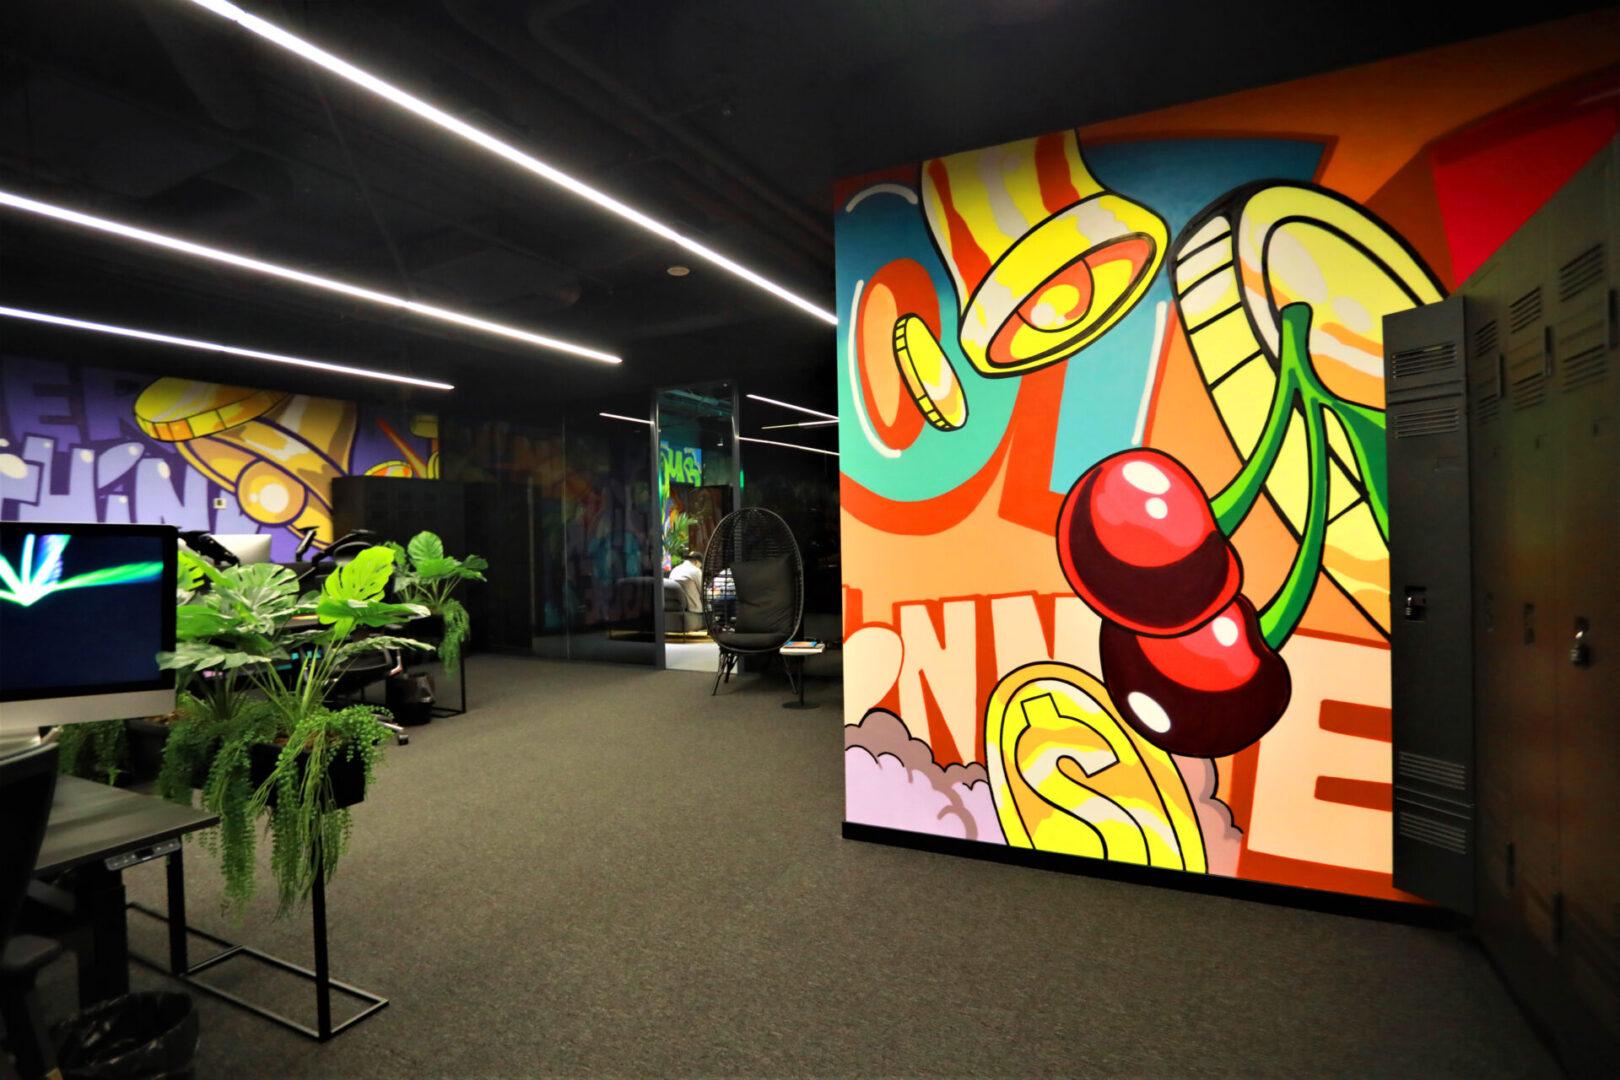 Художественное оформление офиса IT компании (часть 2) UT-ART STUDIO вишенка